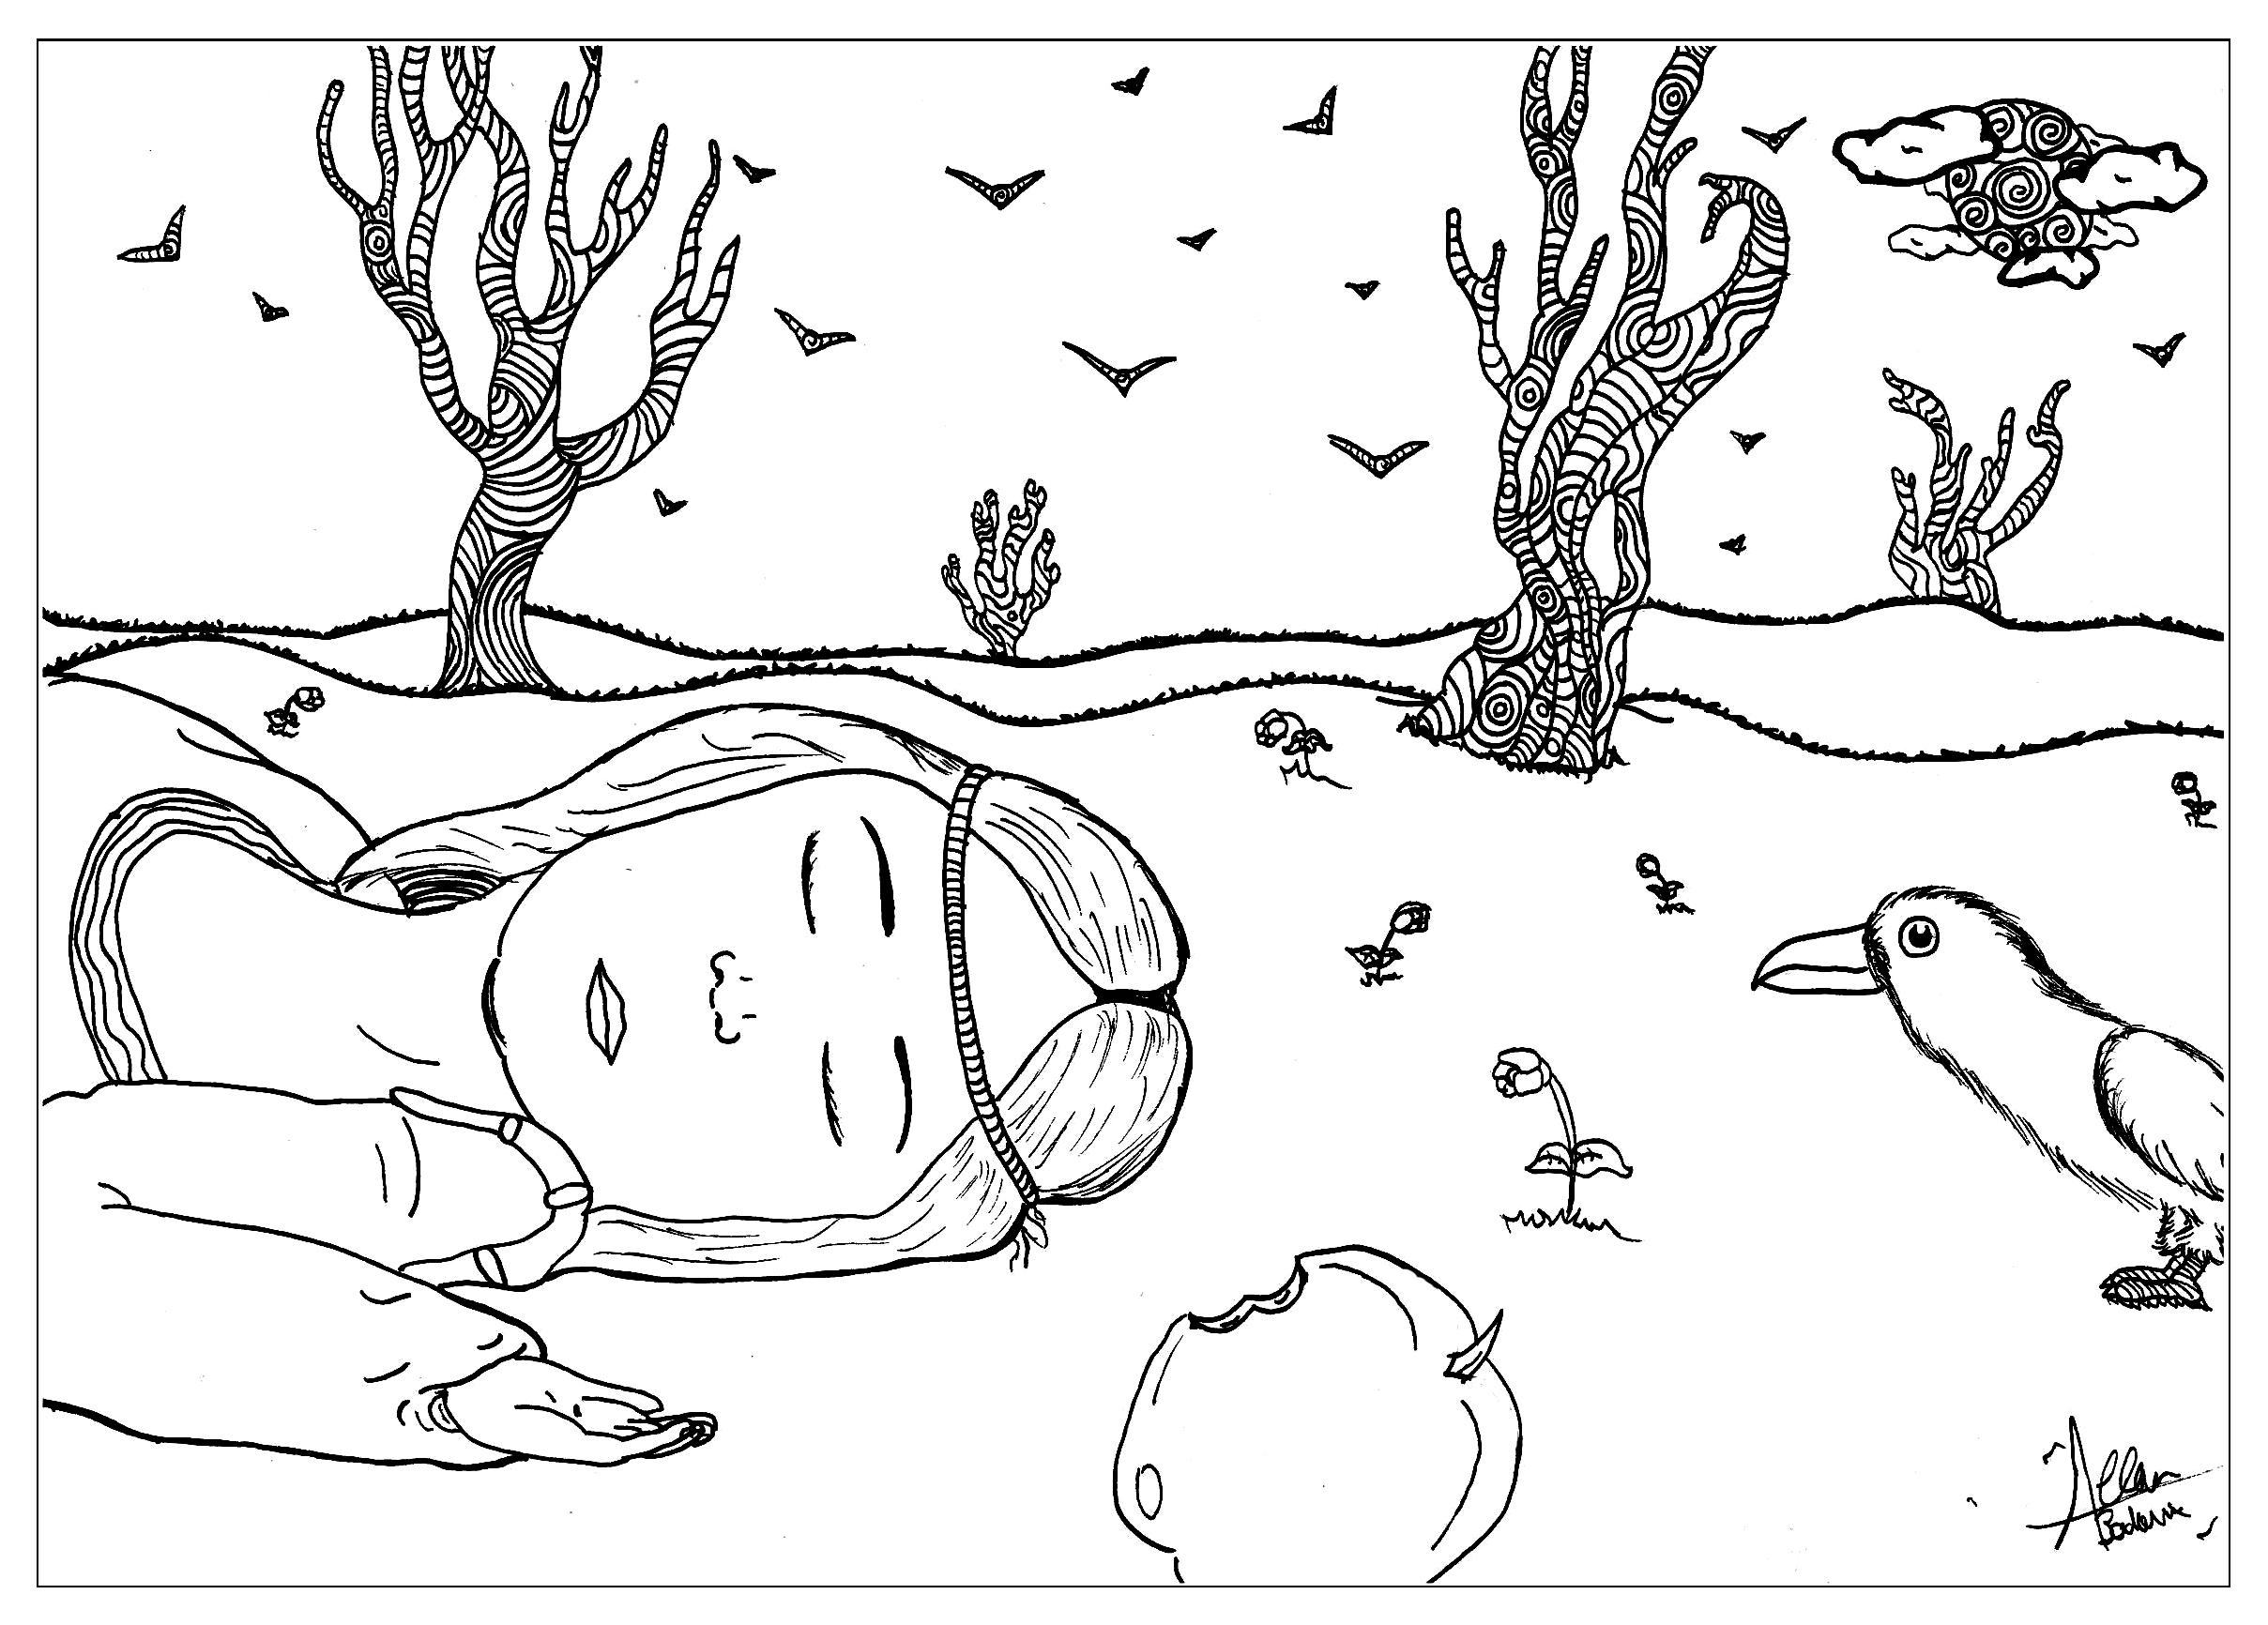 Voici notre coloriage sur 'Blanche Neige'. cette scène évoque le moment où elle a croqué la pomme empoisonnée de la sorcière.